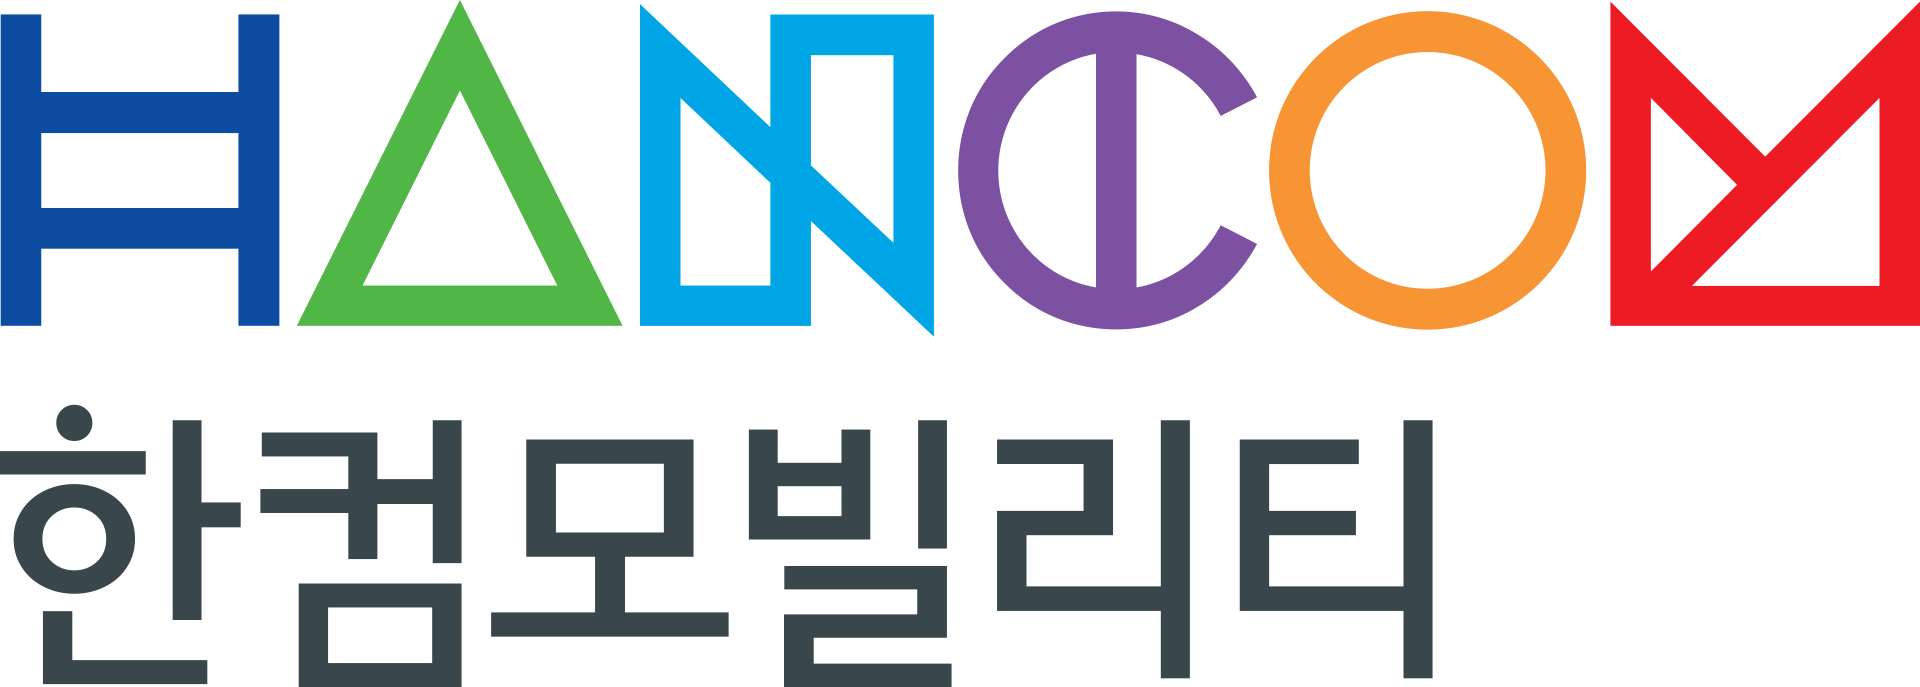 한컴위드의 계열사 (주)한컴모빌리티의 로고